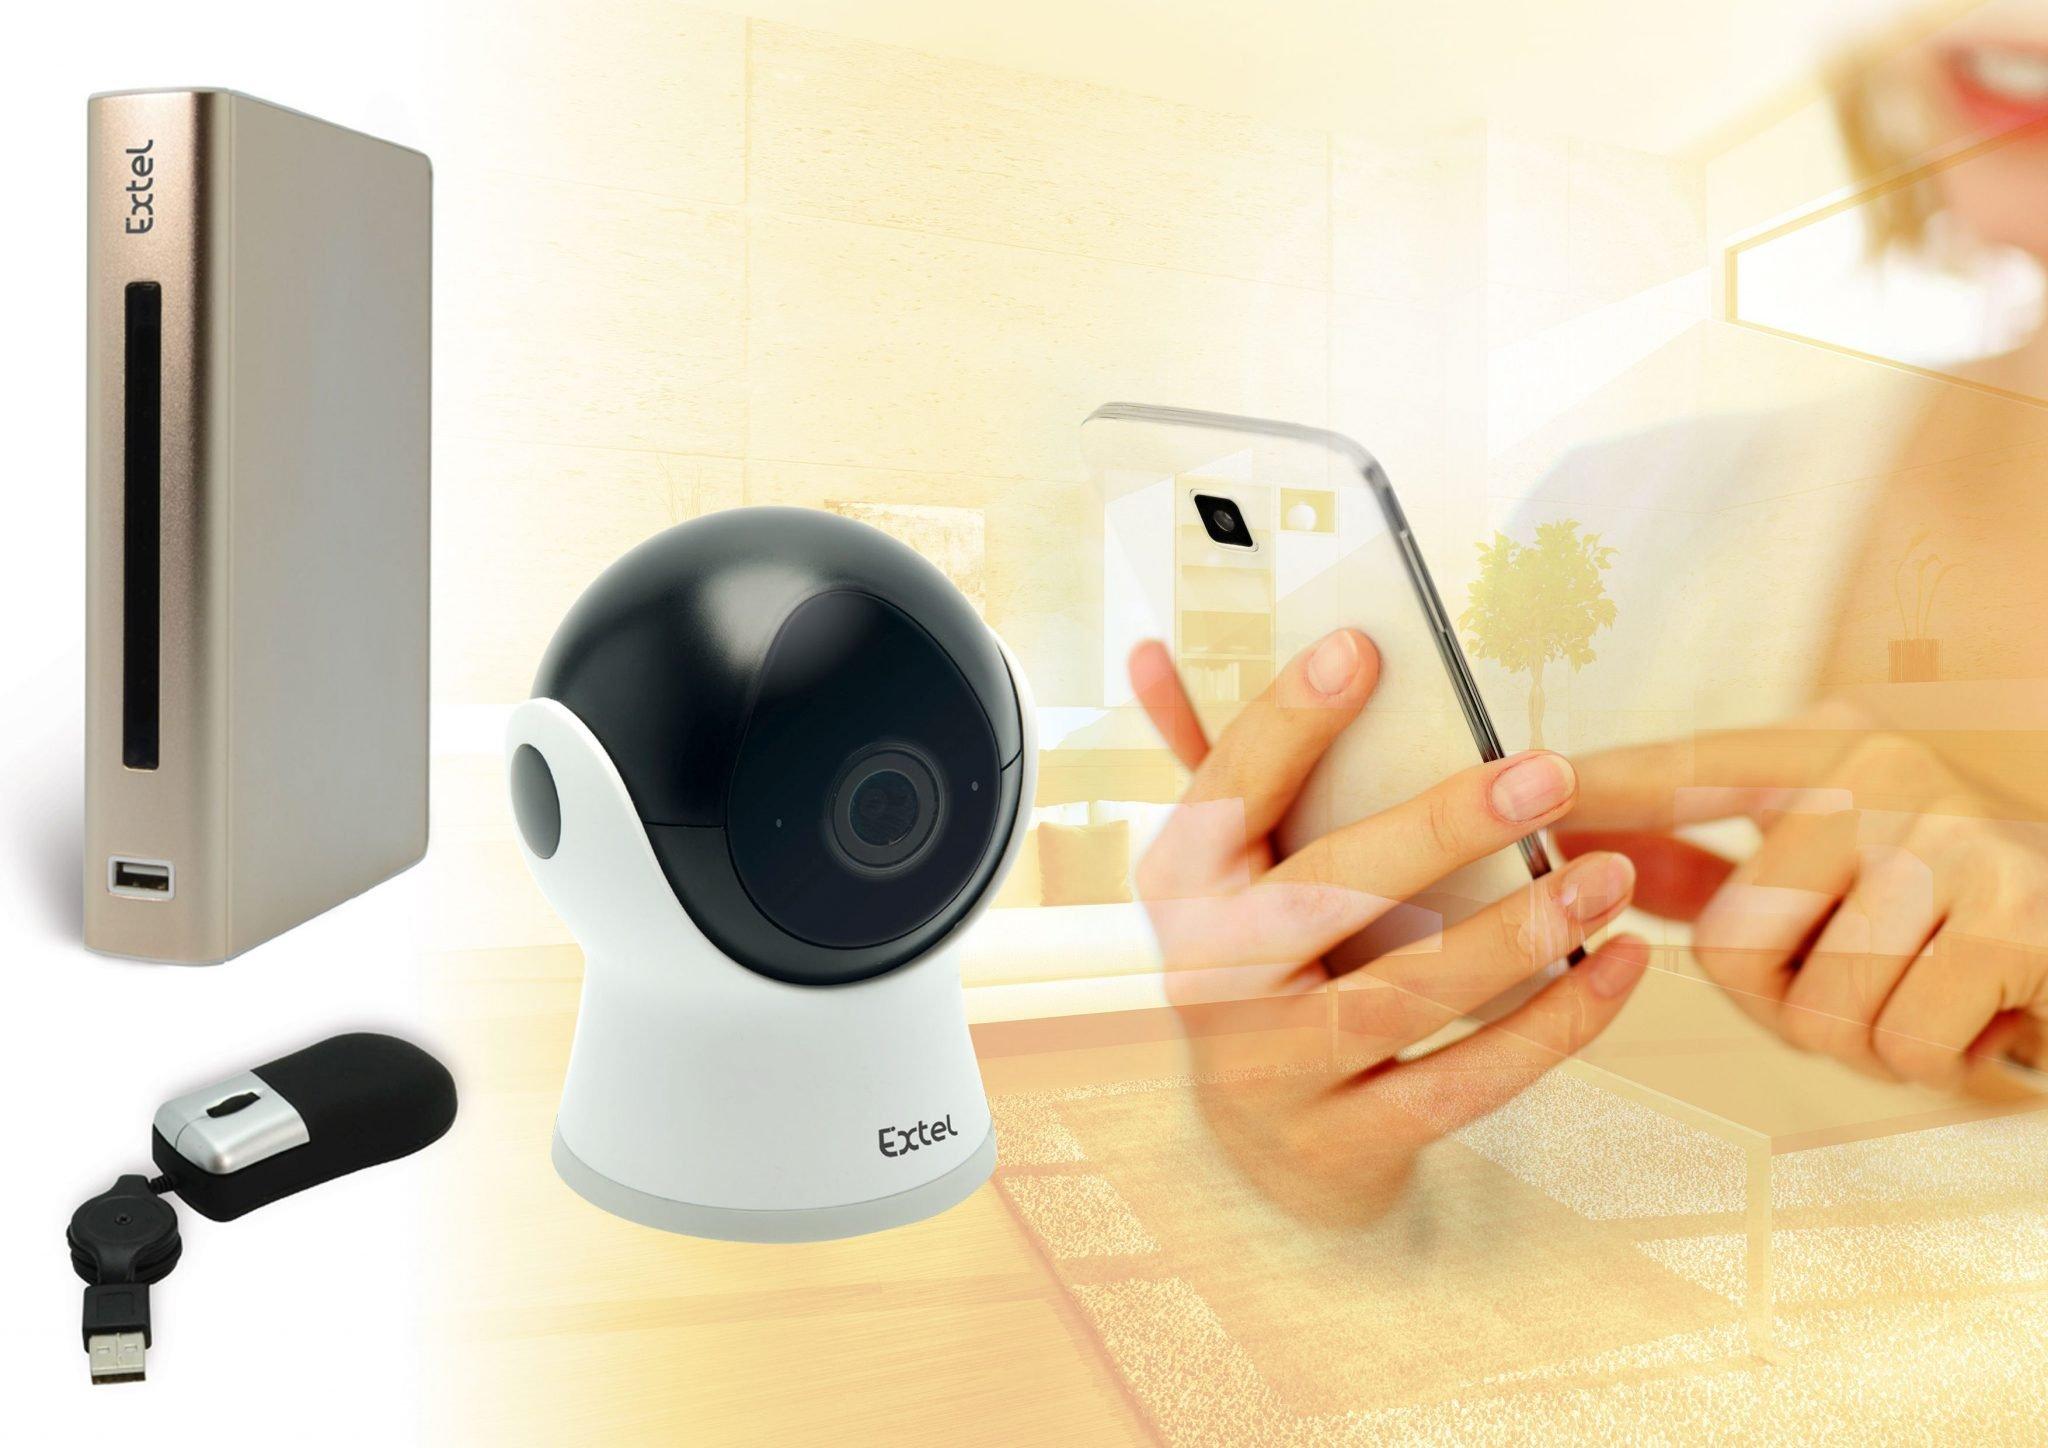 Videosorveglianza al top con le nuove telecamere IP di Extel 2